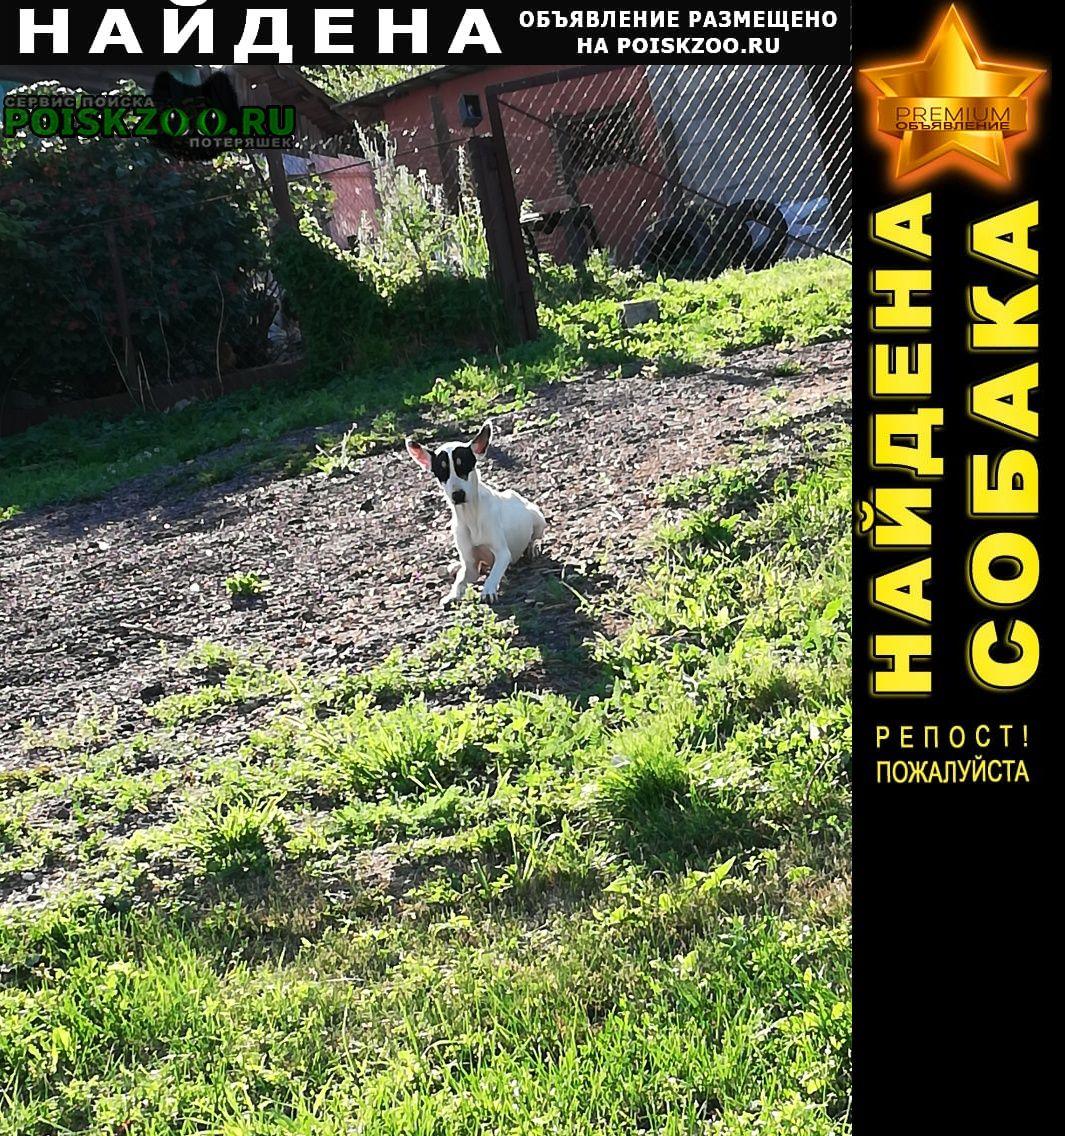 Найдена собака белая с черными пятнами Коломна